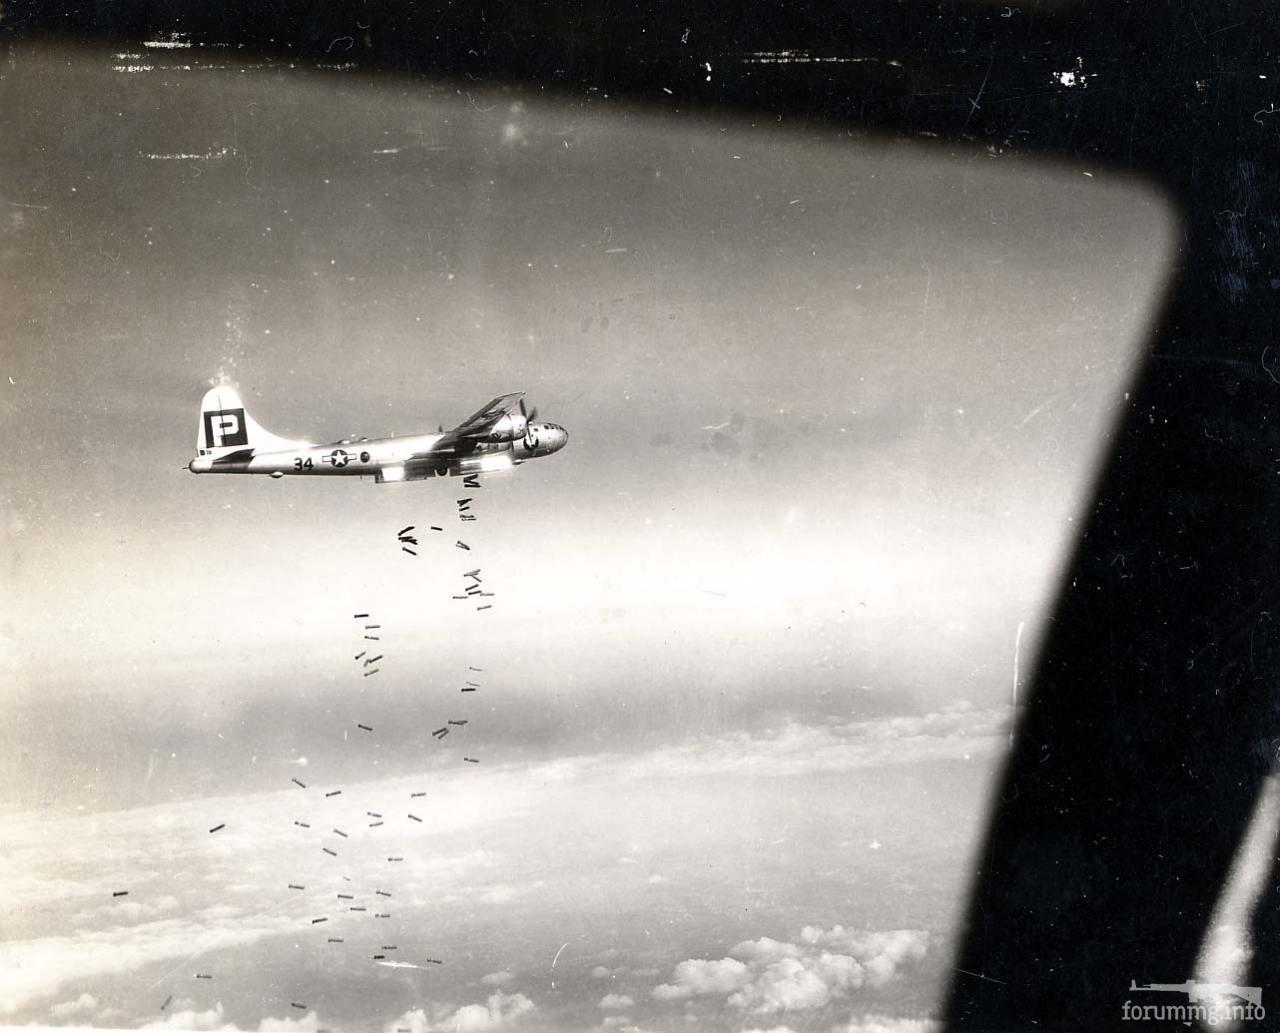 131492 - Стратегические бомбардировки Германии и Японии